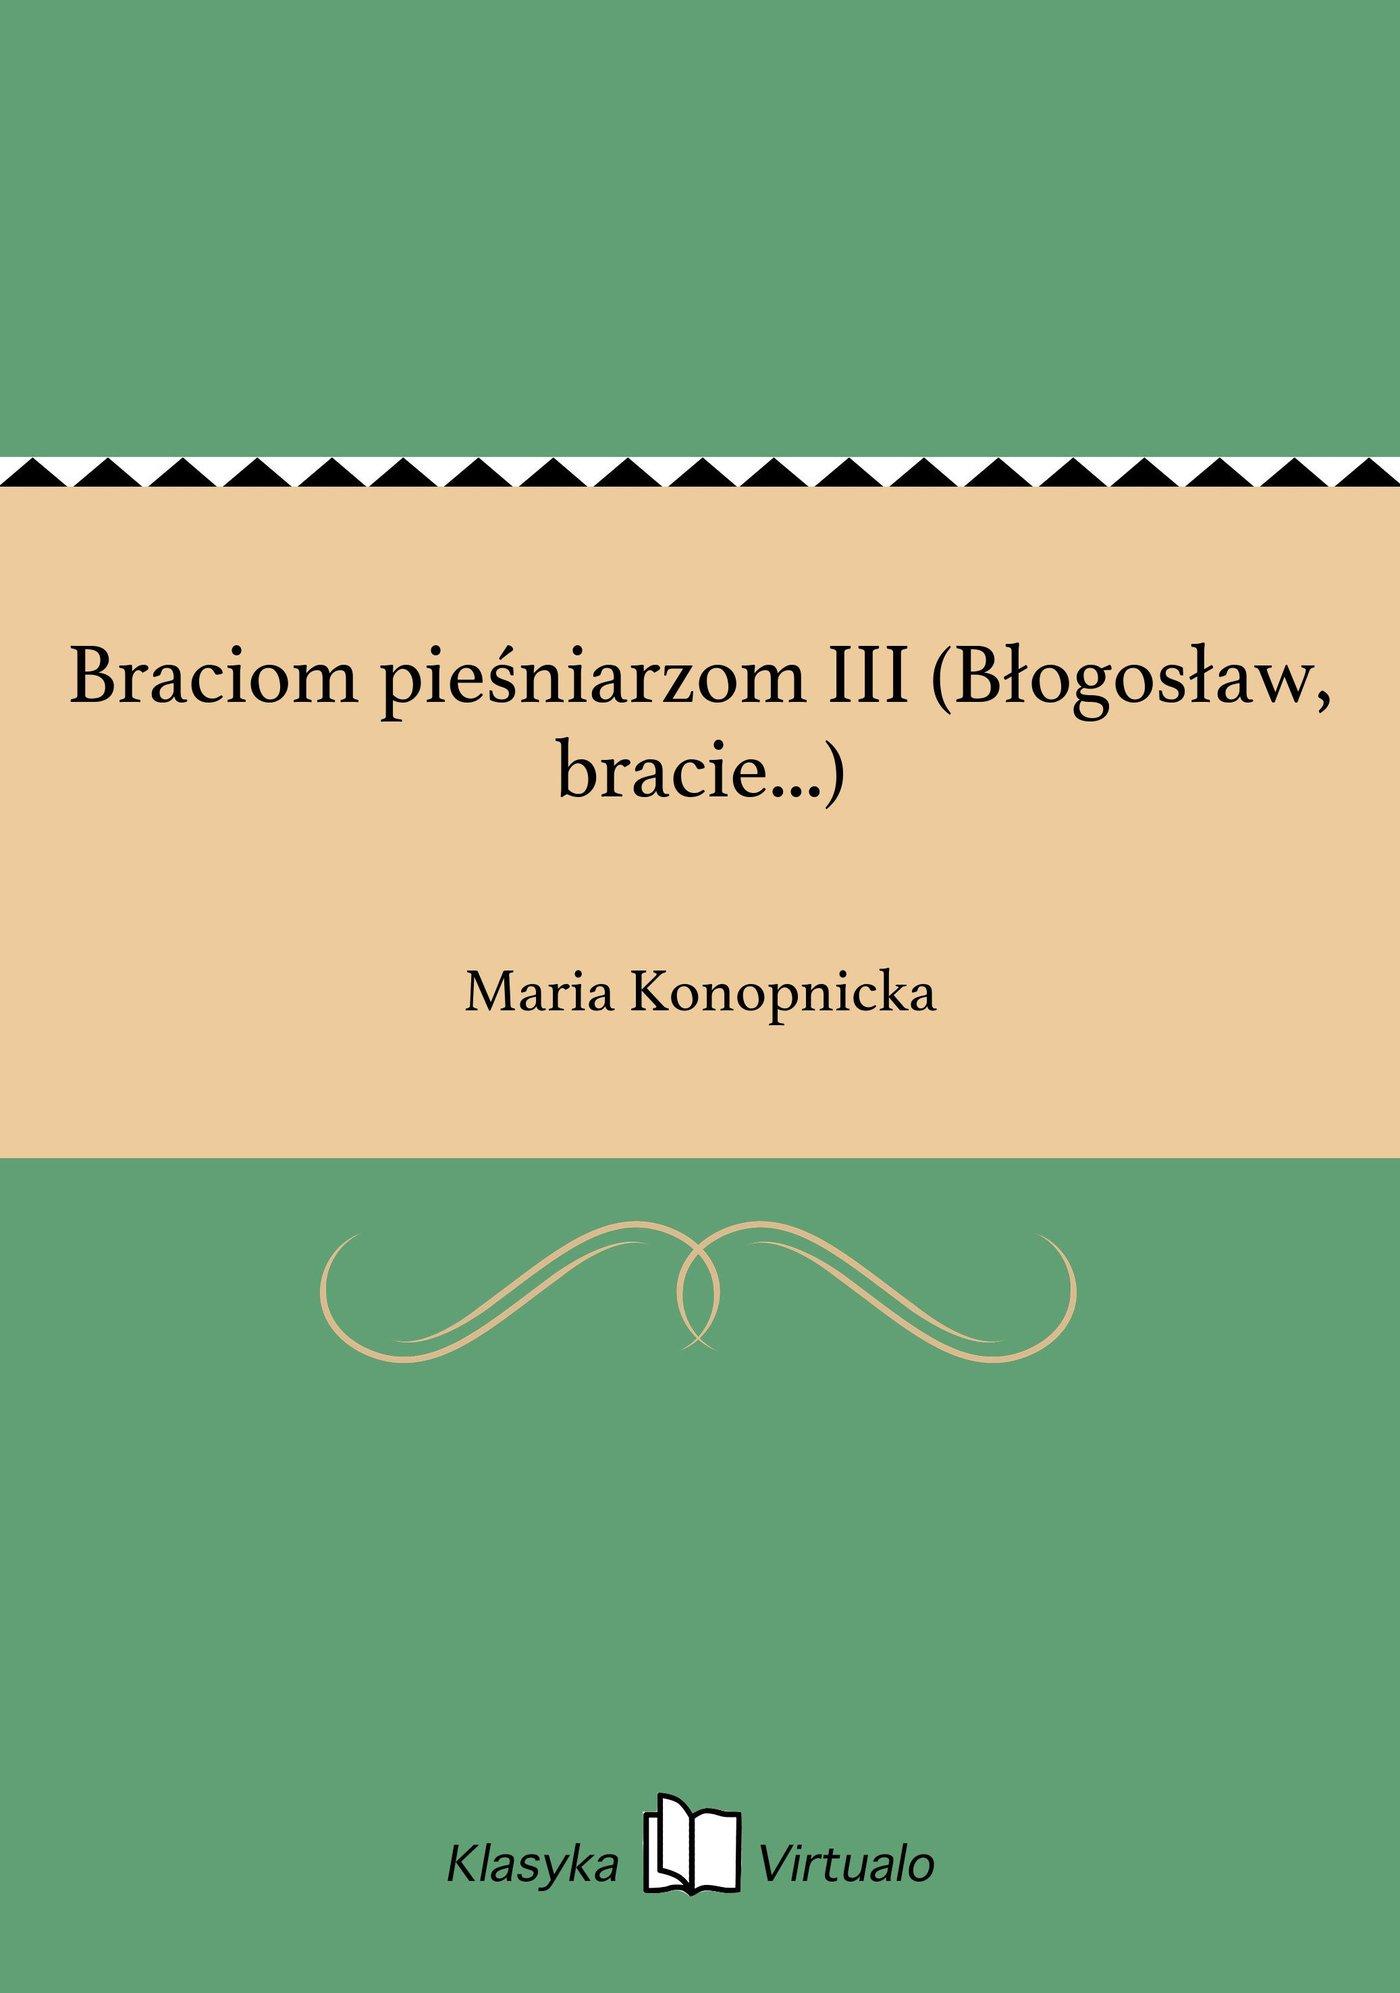 Braciom pieśniarzom III (Błogosław, bracie...) - Ebook (Książka EPUB) do pobrania w formacie EPUB